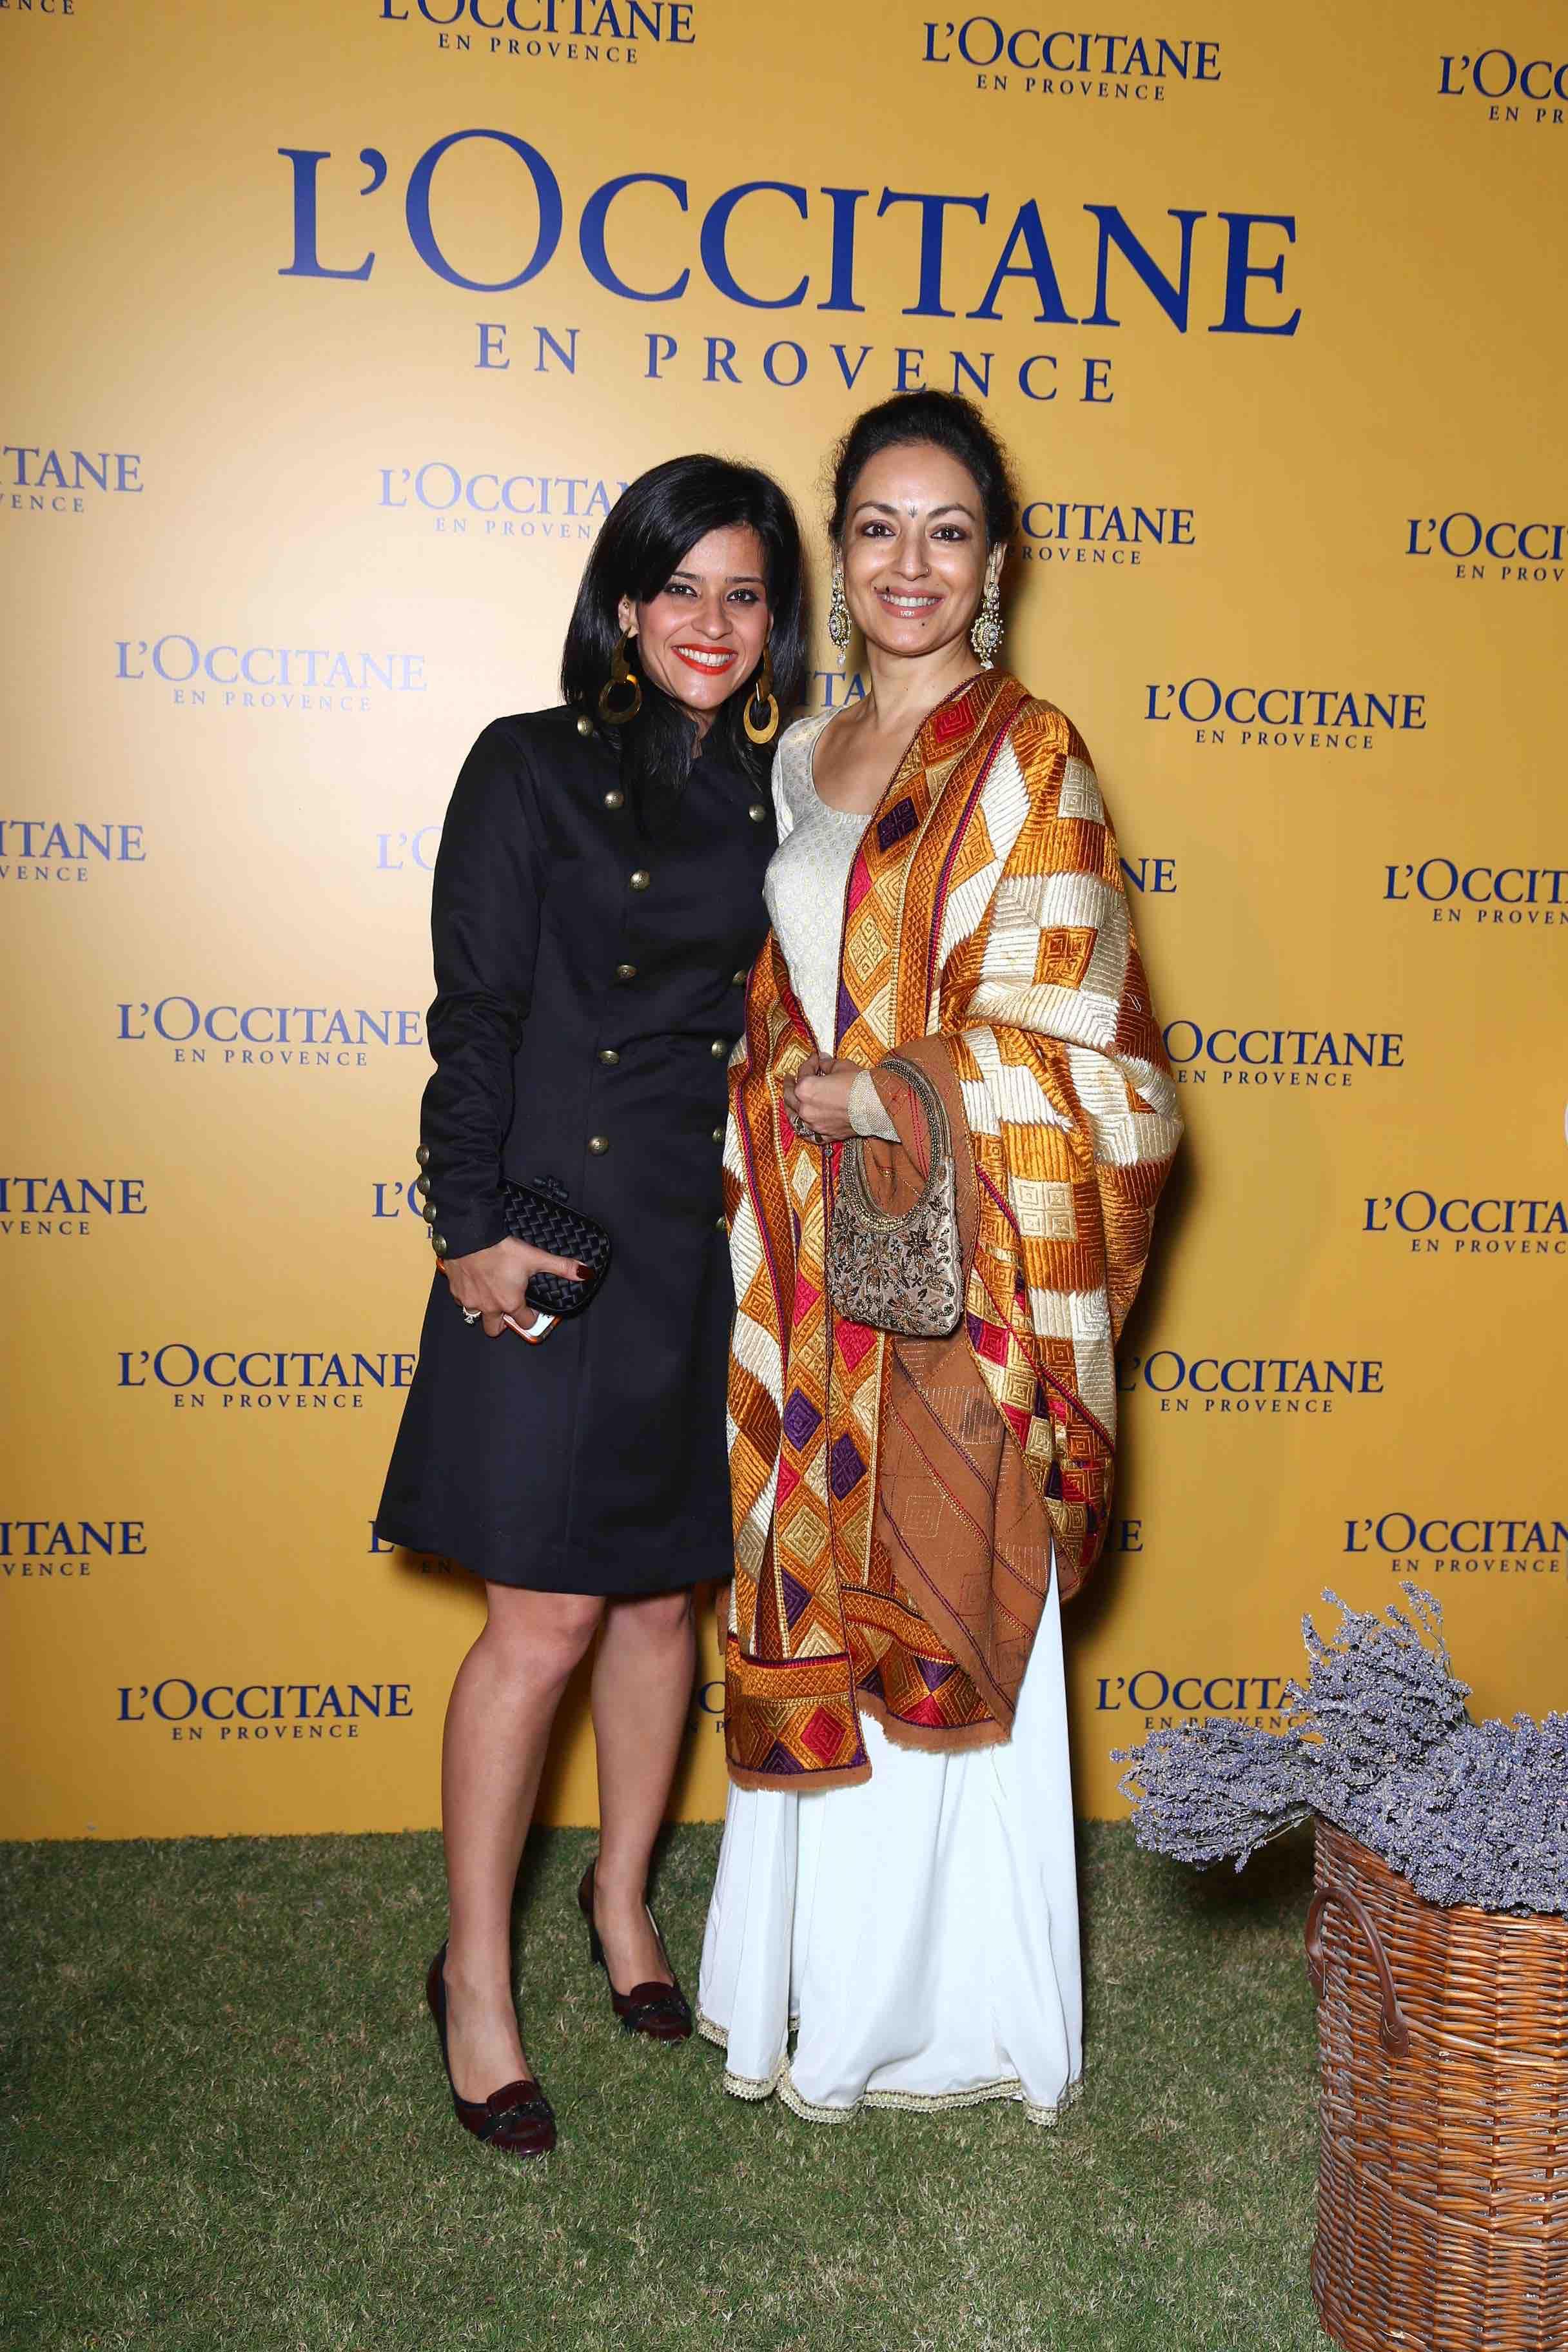 Rima Mehra with Neesha Singh